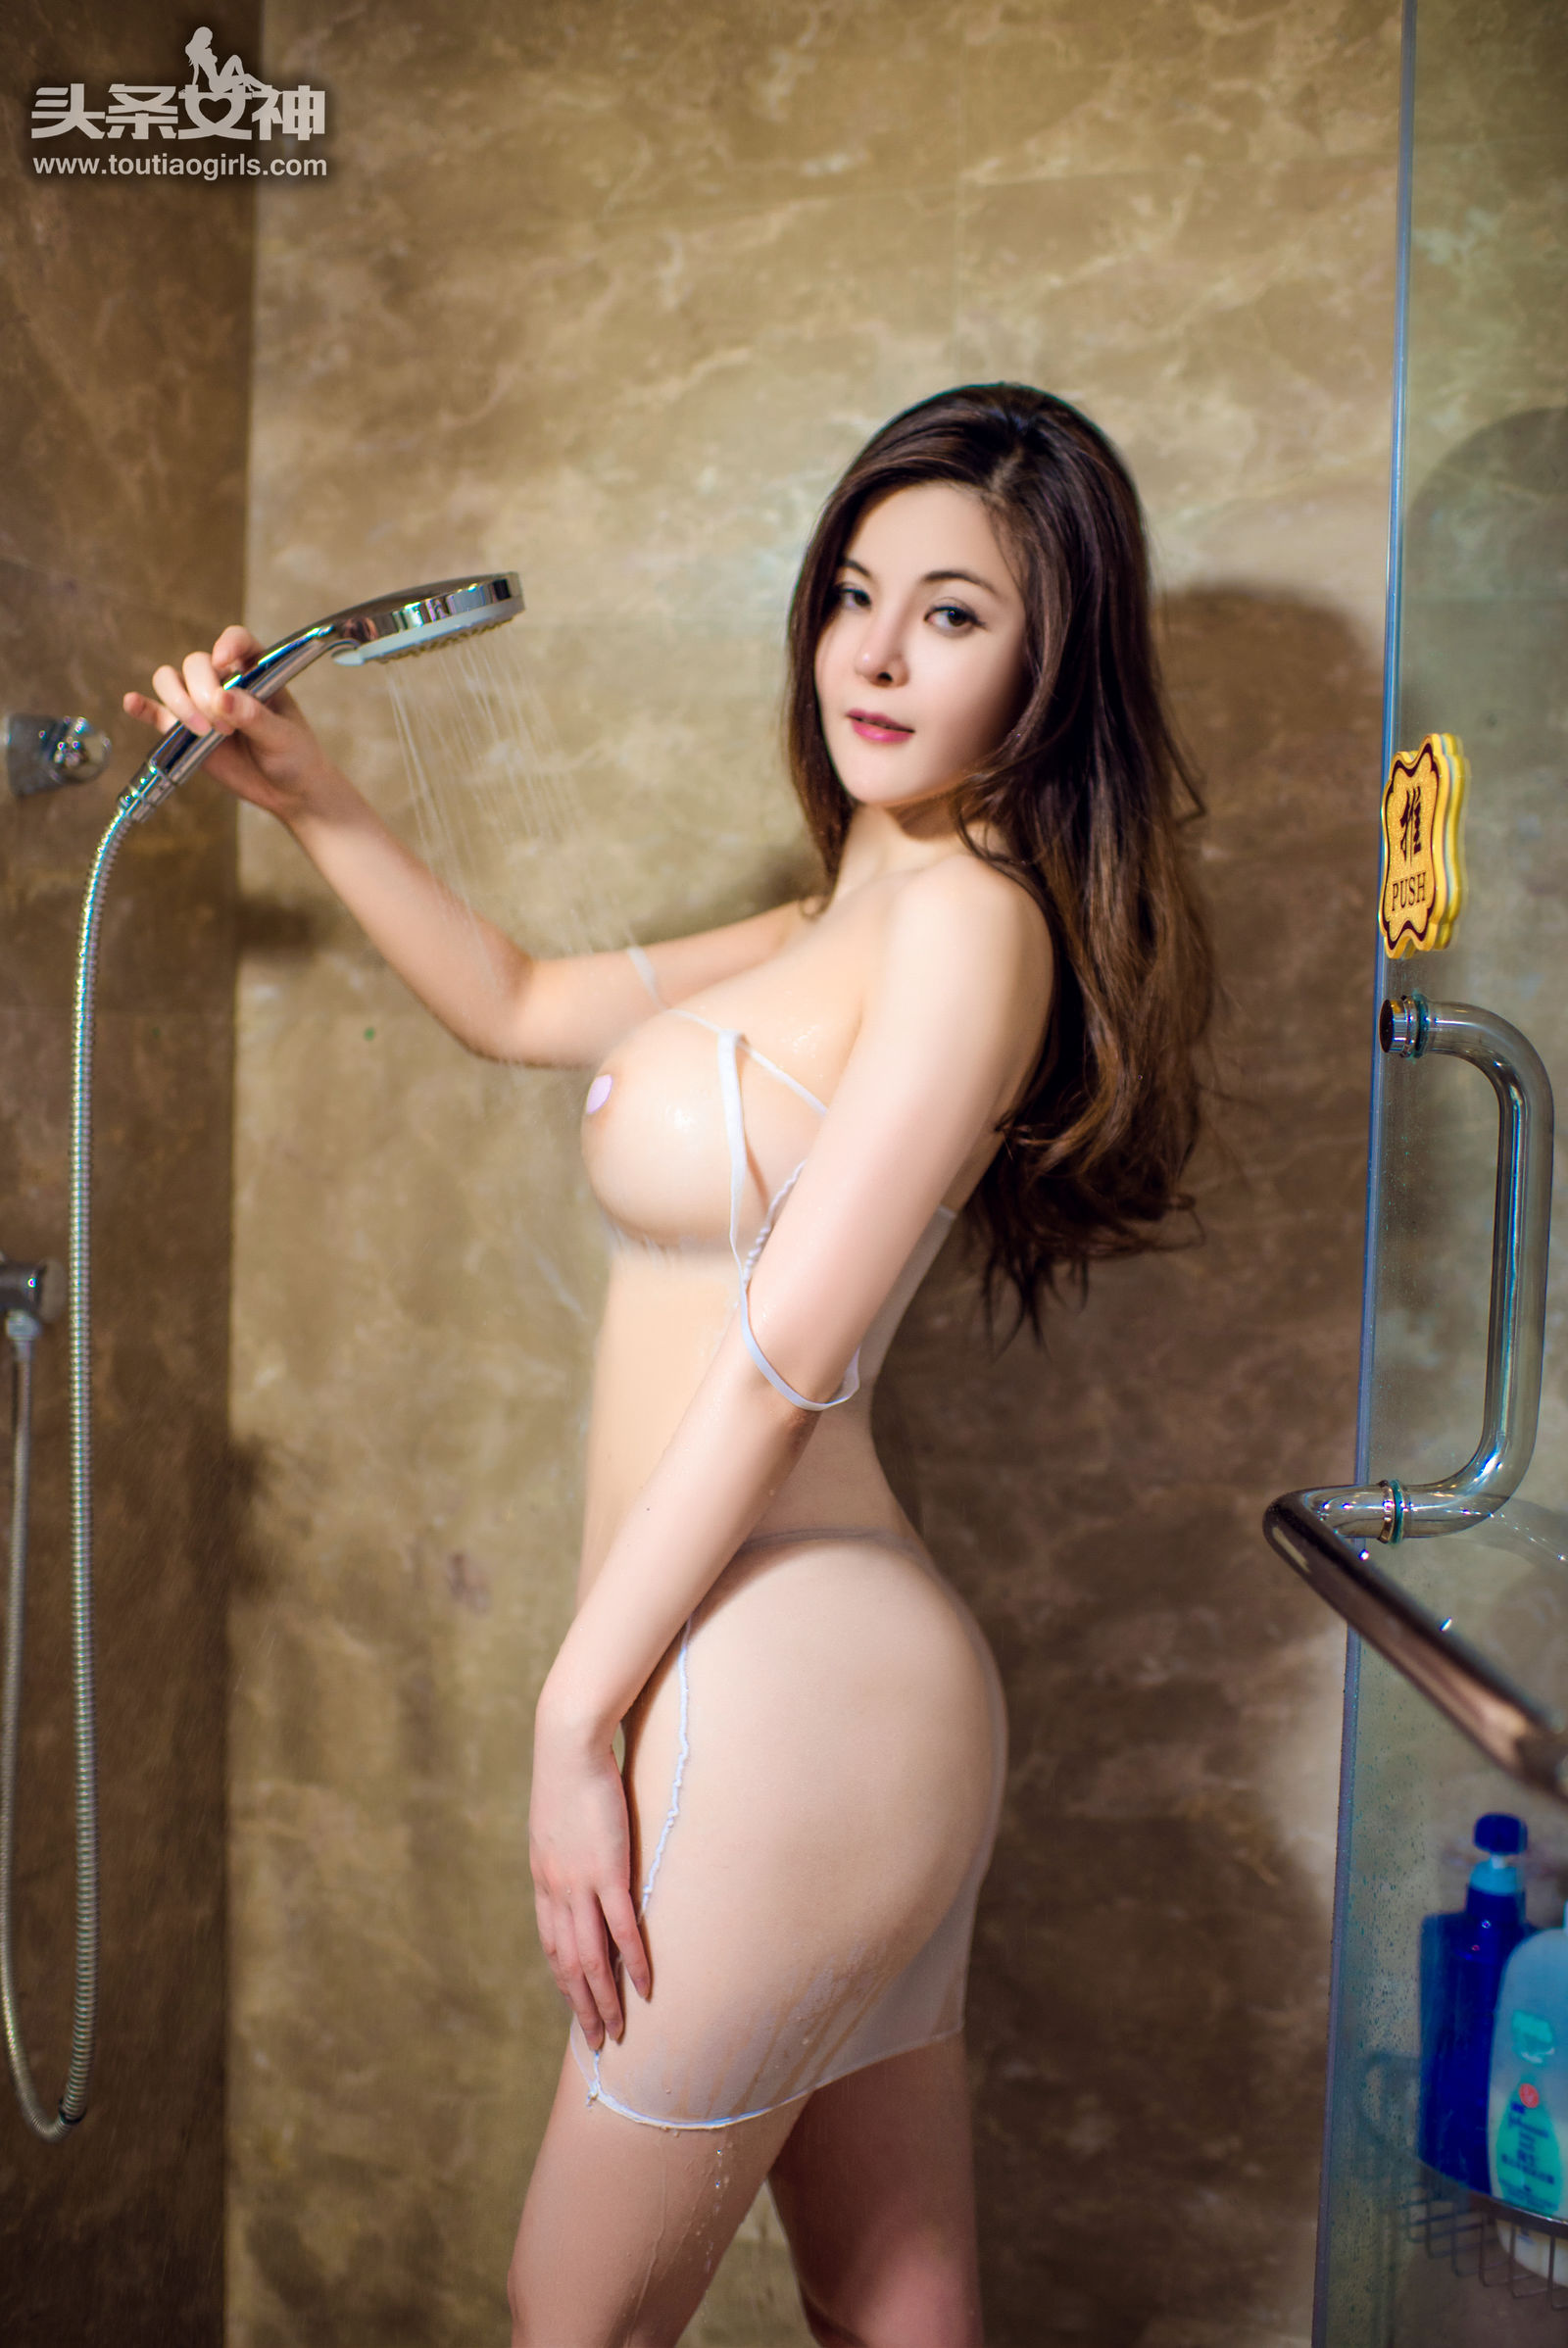 人体模特童安琪浴室湿身透视装凸点喷血照